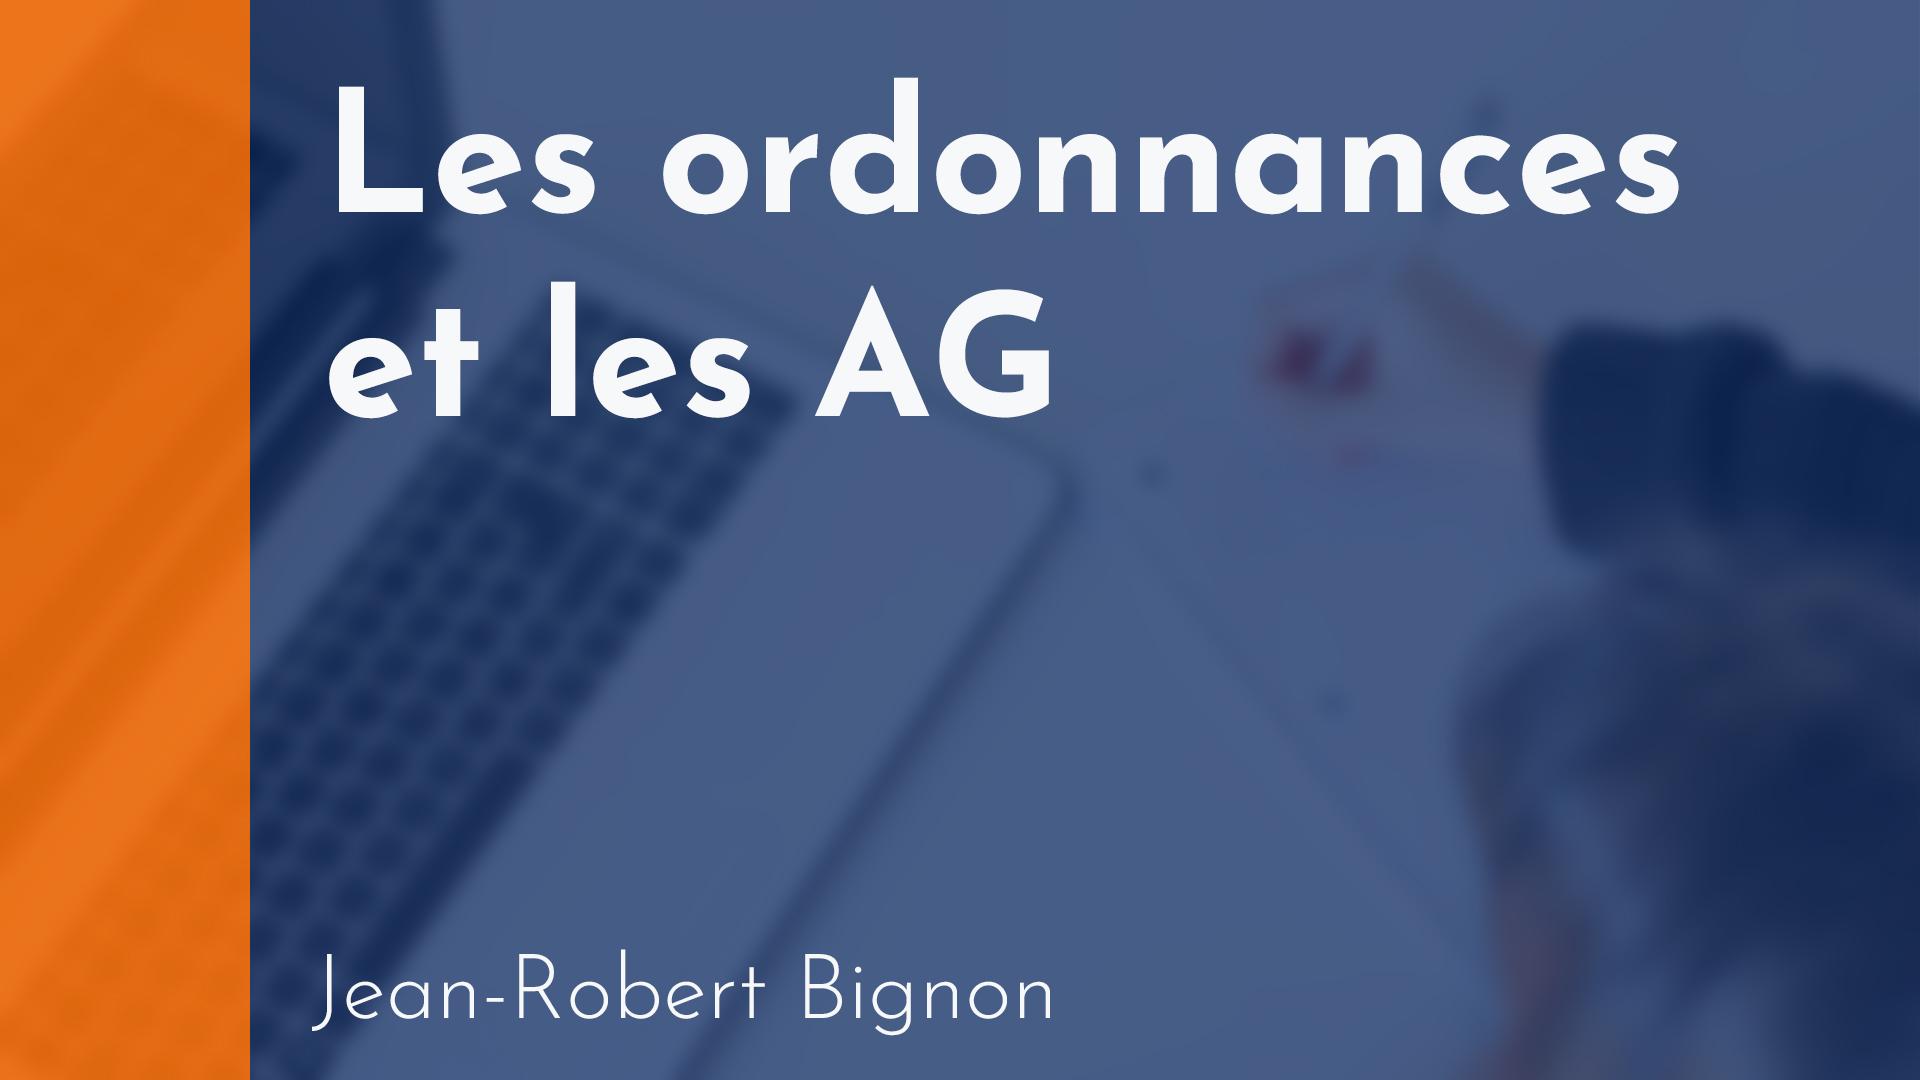 Copropriété - Les ordonnances et les AG - Jean-Robert Bignon